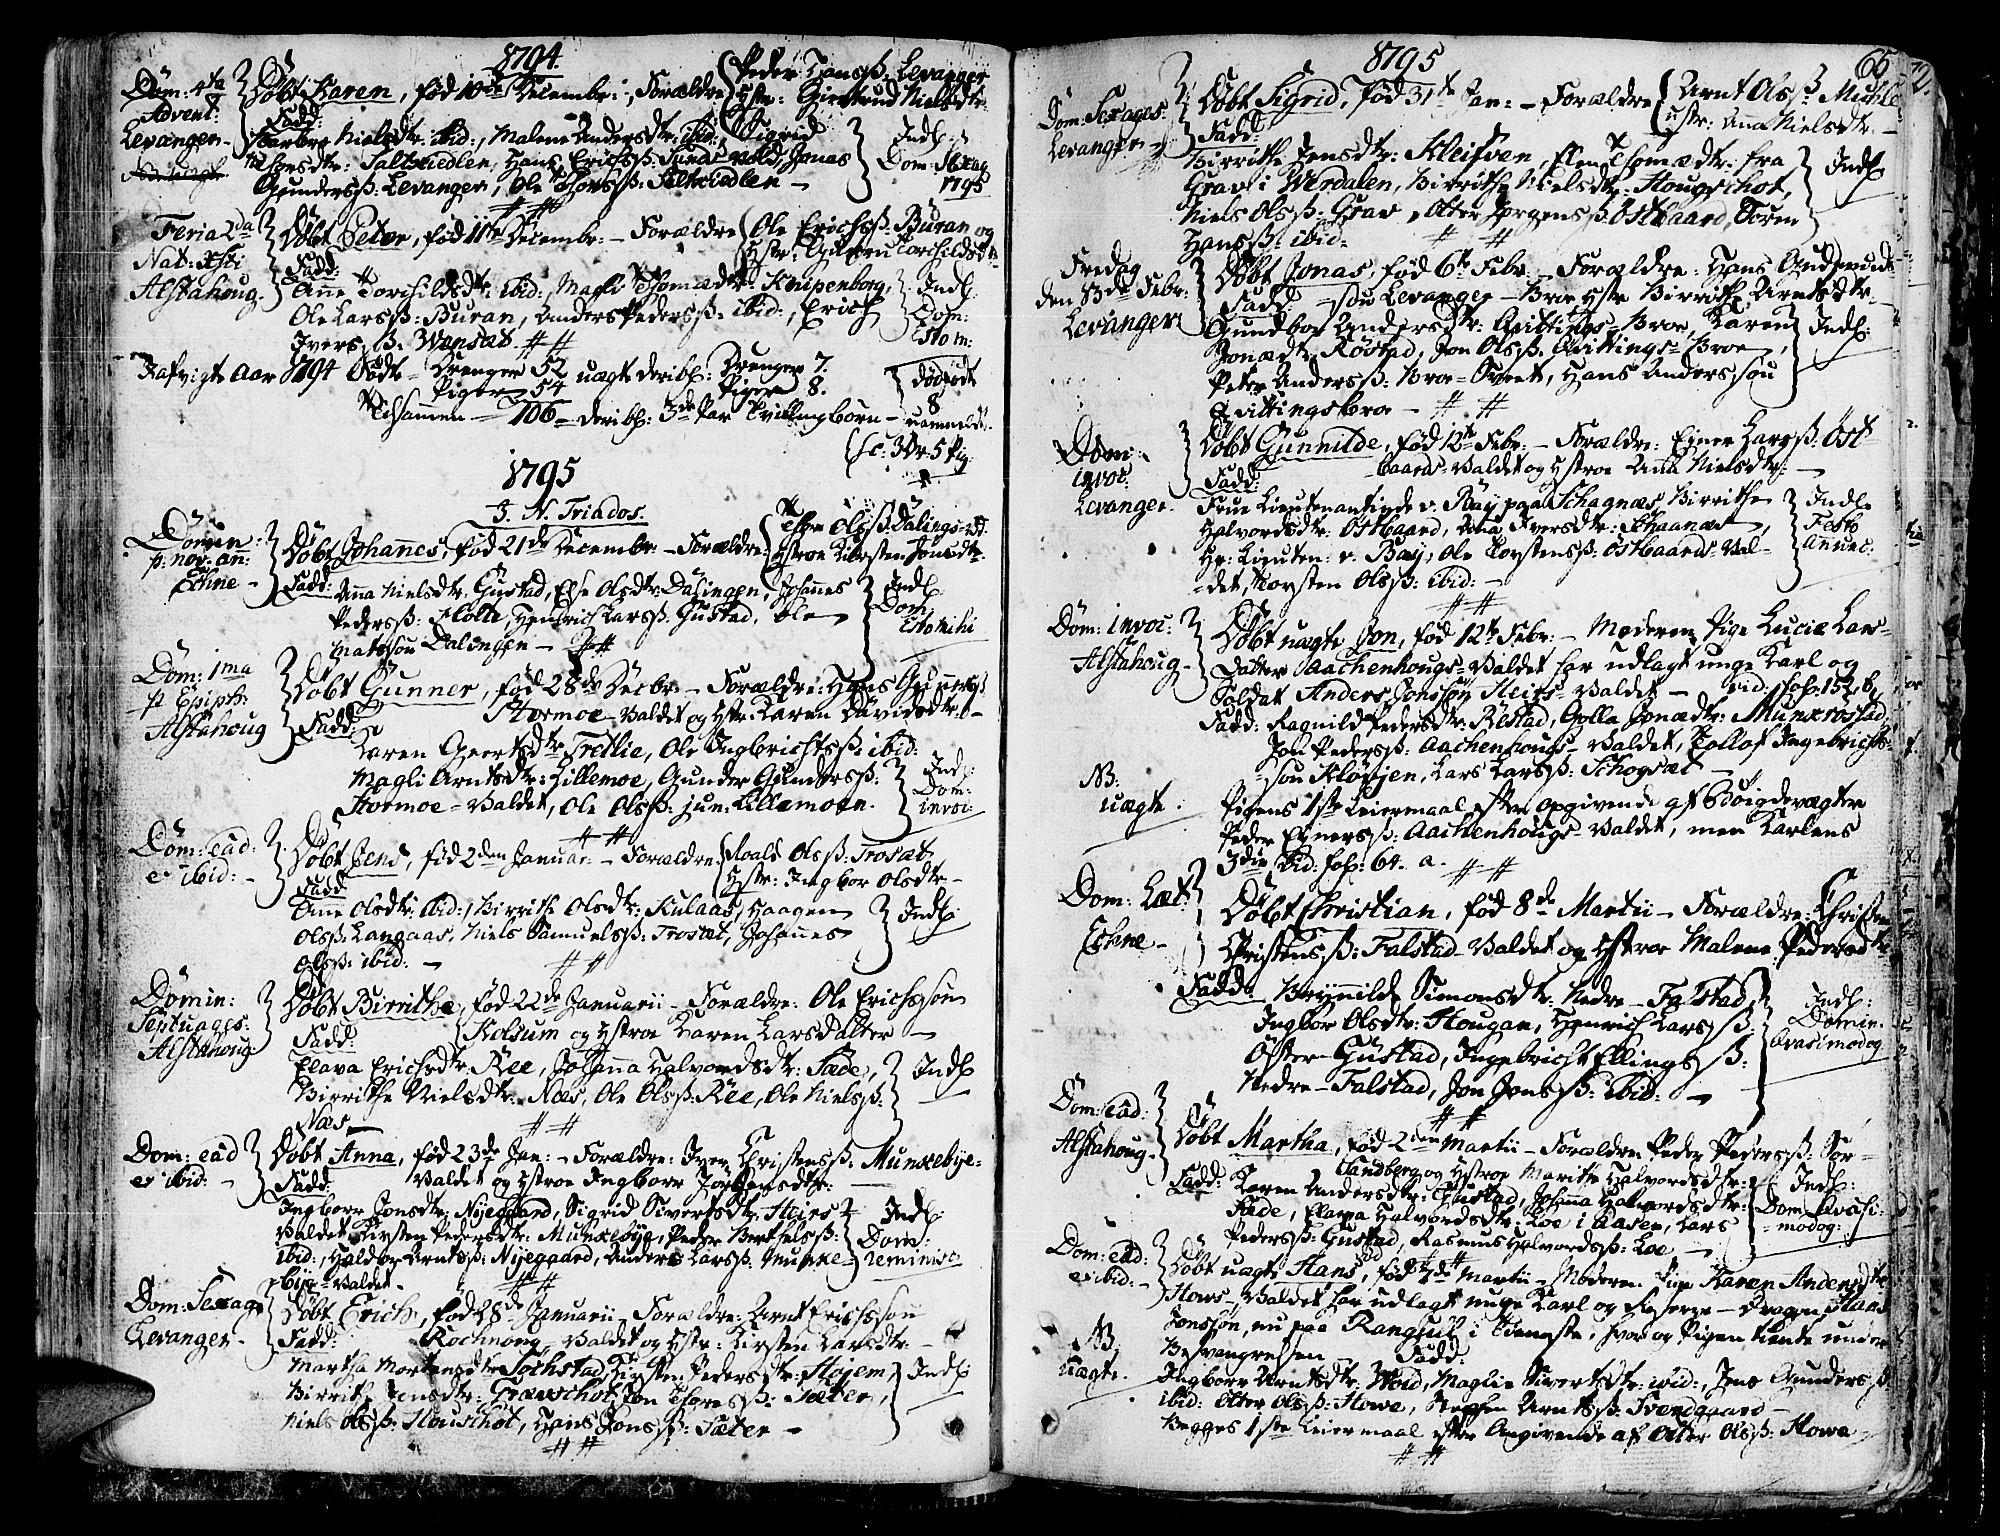 SAT, Ministerialprotokoller, klokkerbøker og fødselsregistre - Nord-Trøndelag, 717/L0142: Ministerialbok nr. 717A02 /1, 1783-1809, s. 65